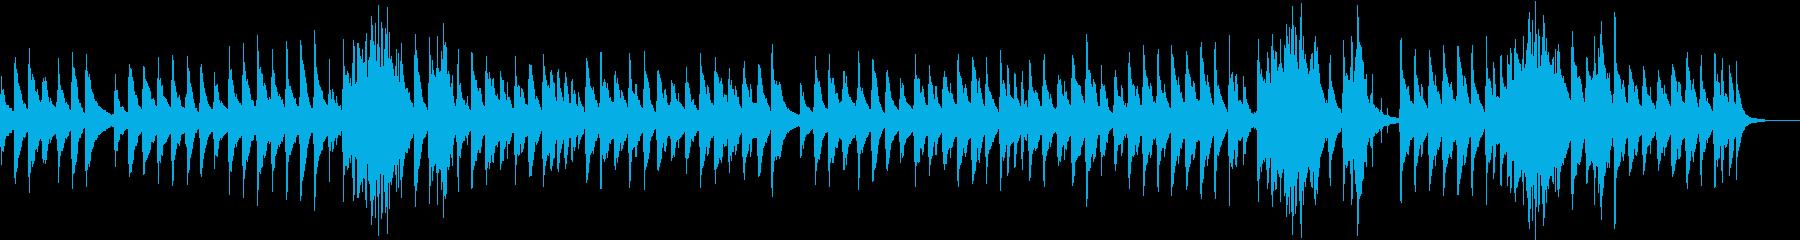 ハープの音色が優しく響きます。の再生済みの波形